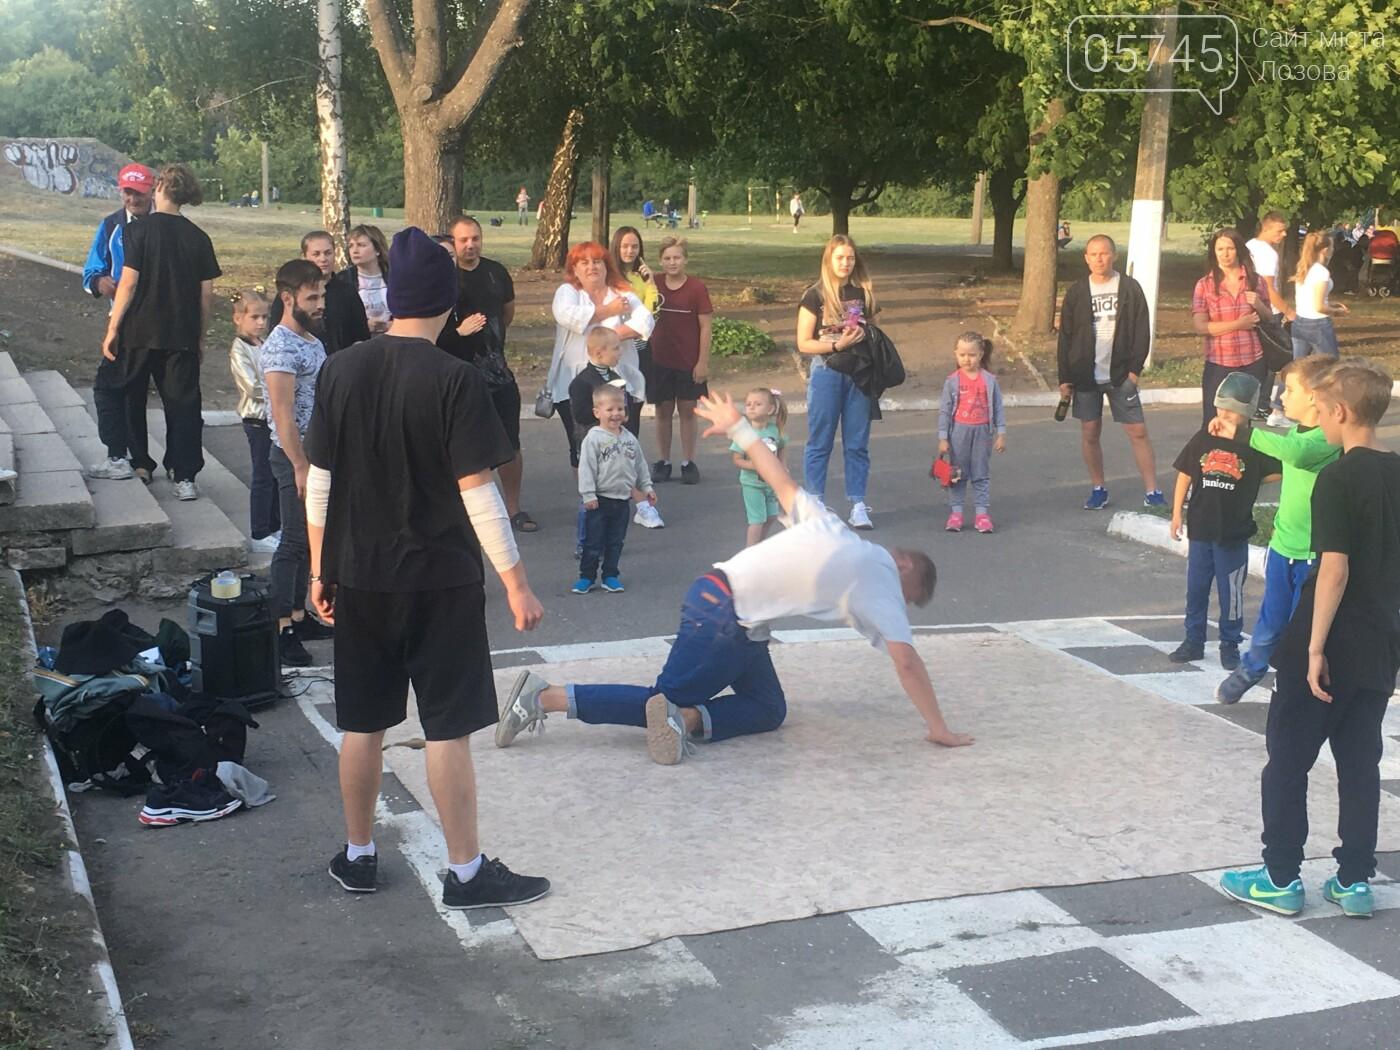 День молодежи в Лозовой: рок-фестиваль, соревнования и развлечения, фото-19